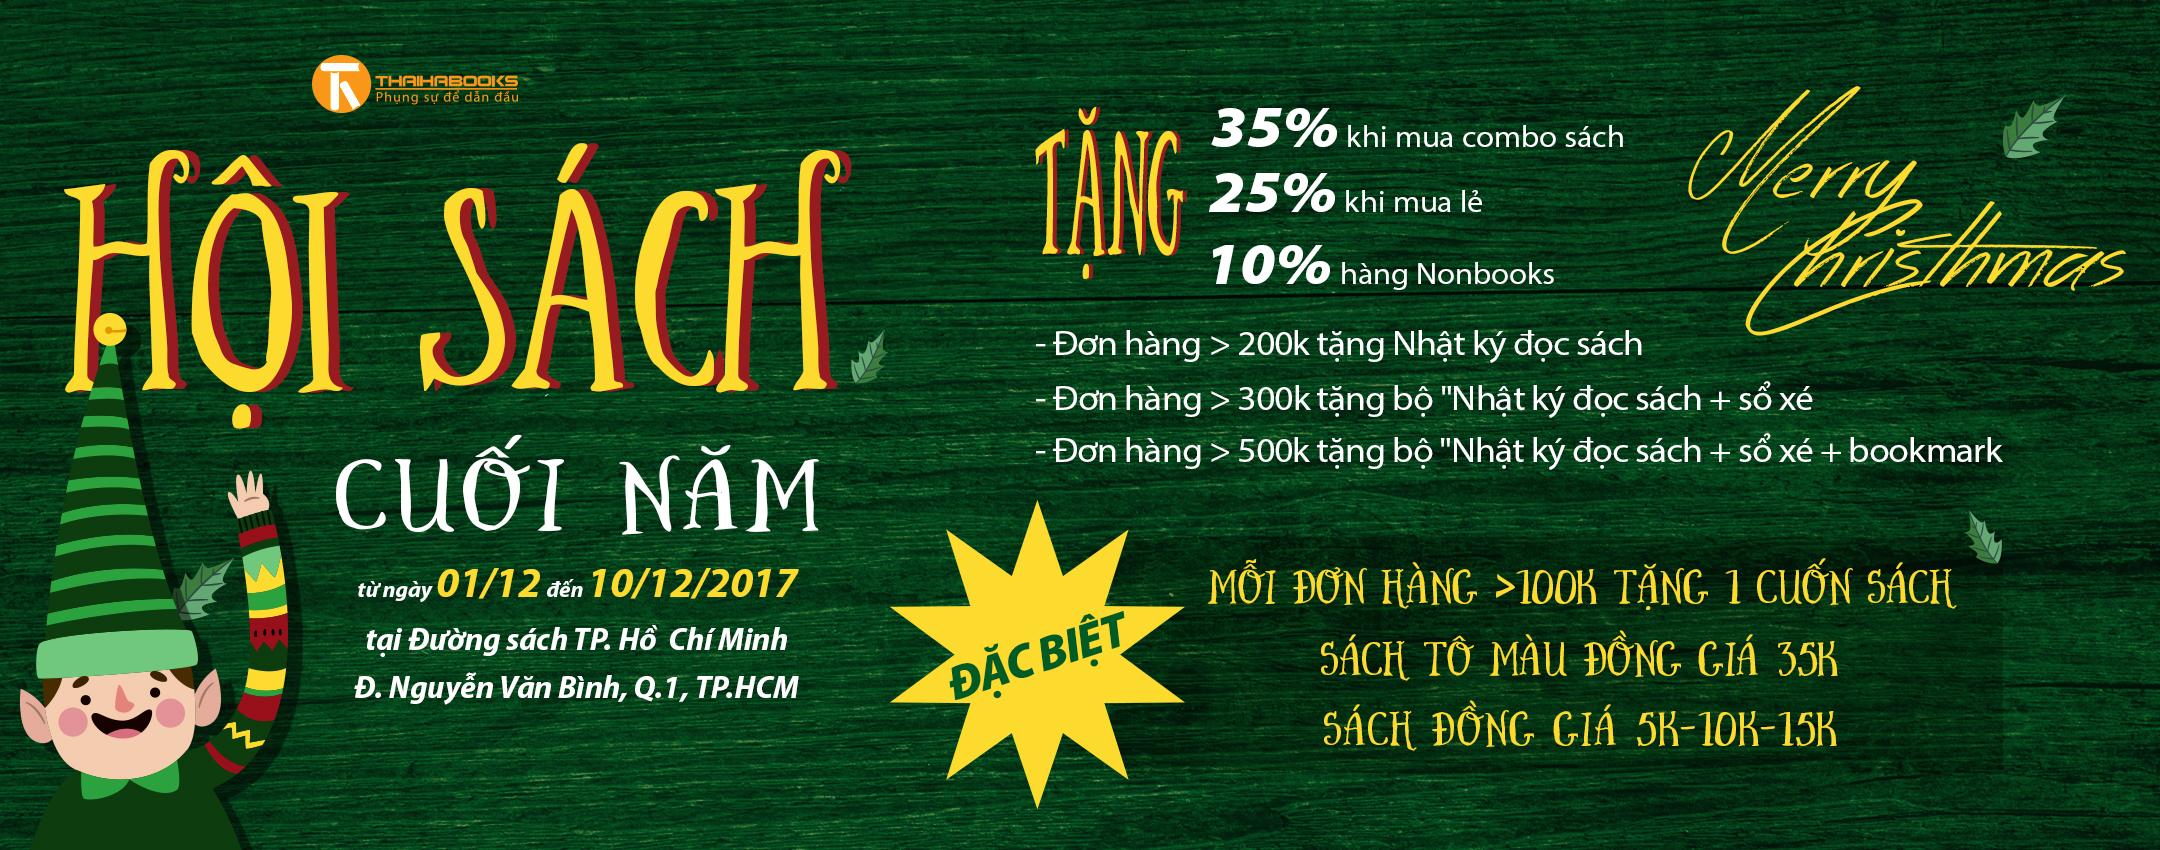 [ThaiHaBooks] Noel này cỡ nào cũng có quà chỉ cần ghé vào hội sách Thái Hà.